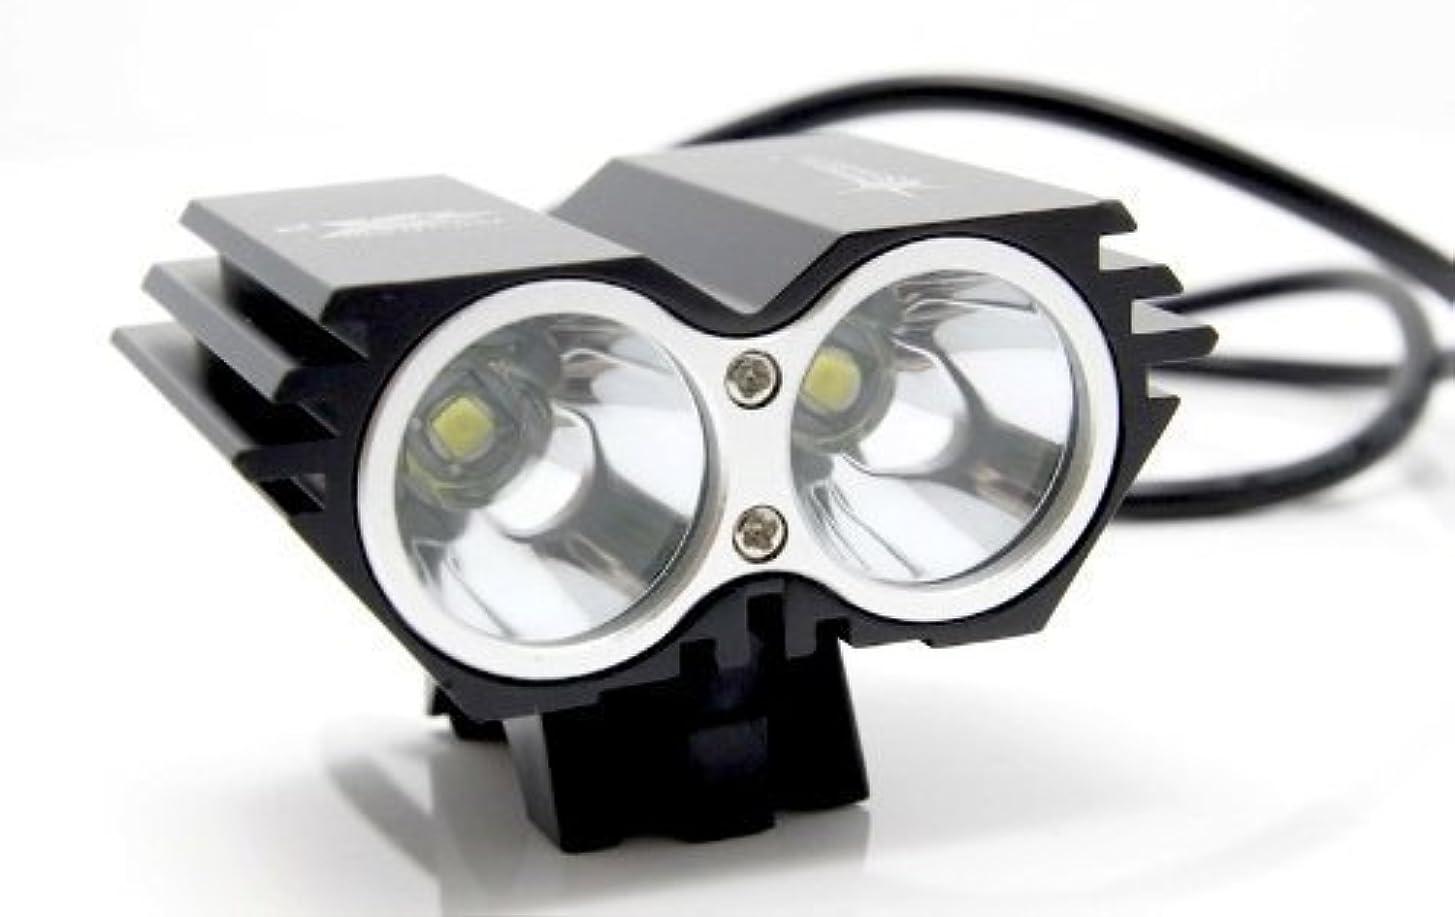 ジェームズダイソンガス市の花5000 Lumen 2x CREE XML U2 LED Cycling Bicycle Bike Light Lamp HeadLight Headlamp by Bravolink